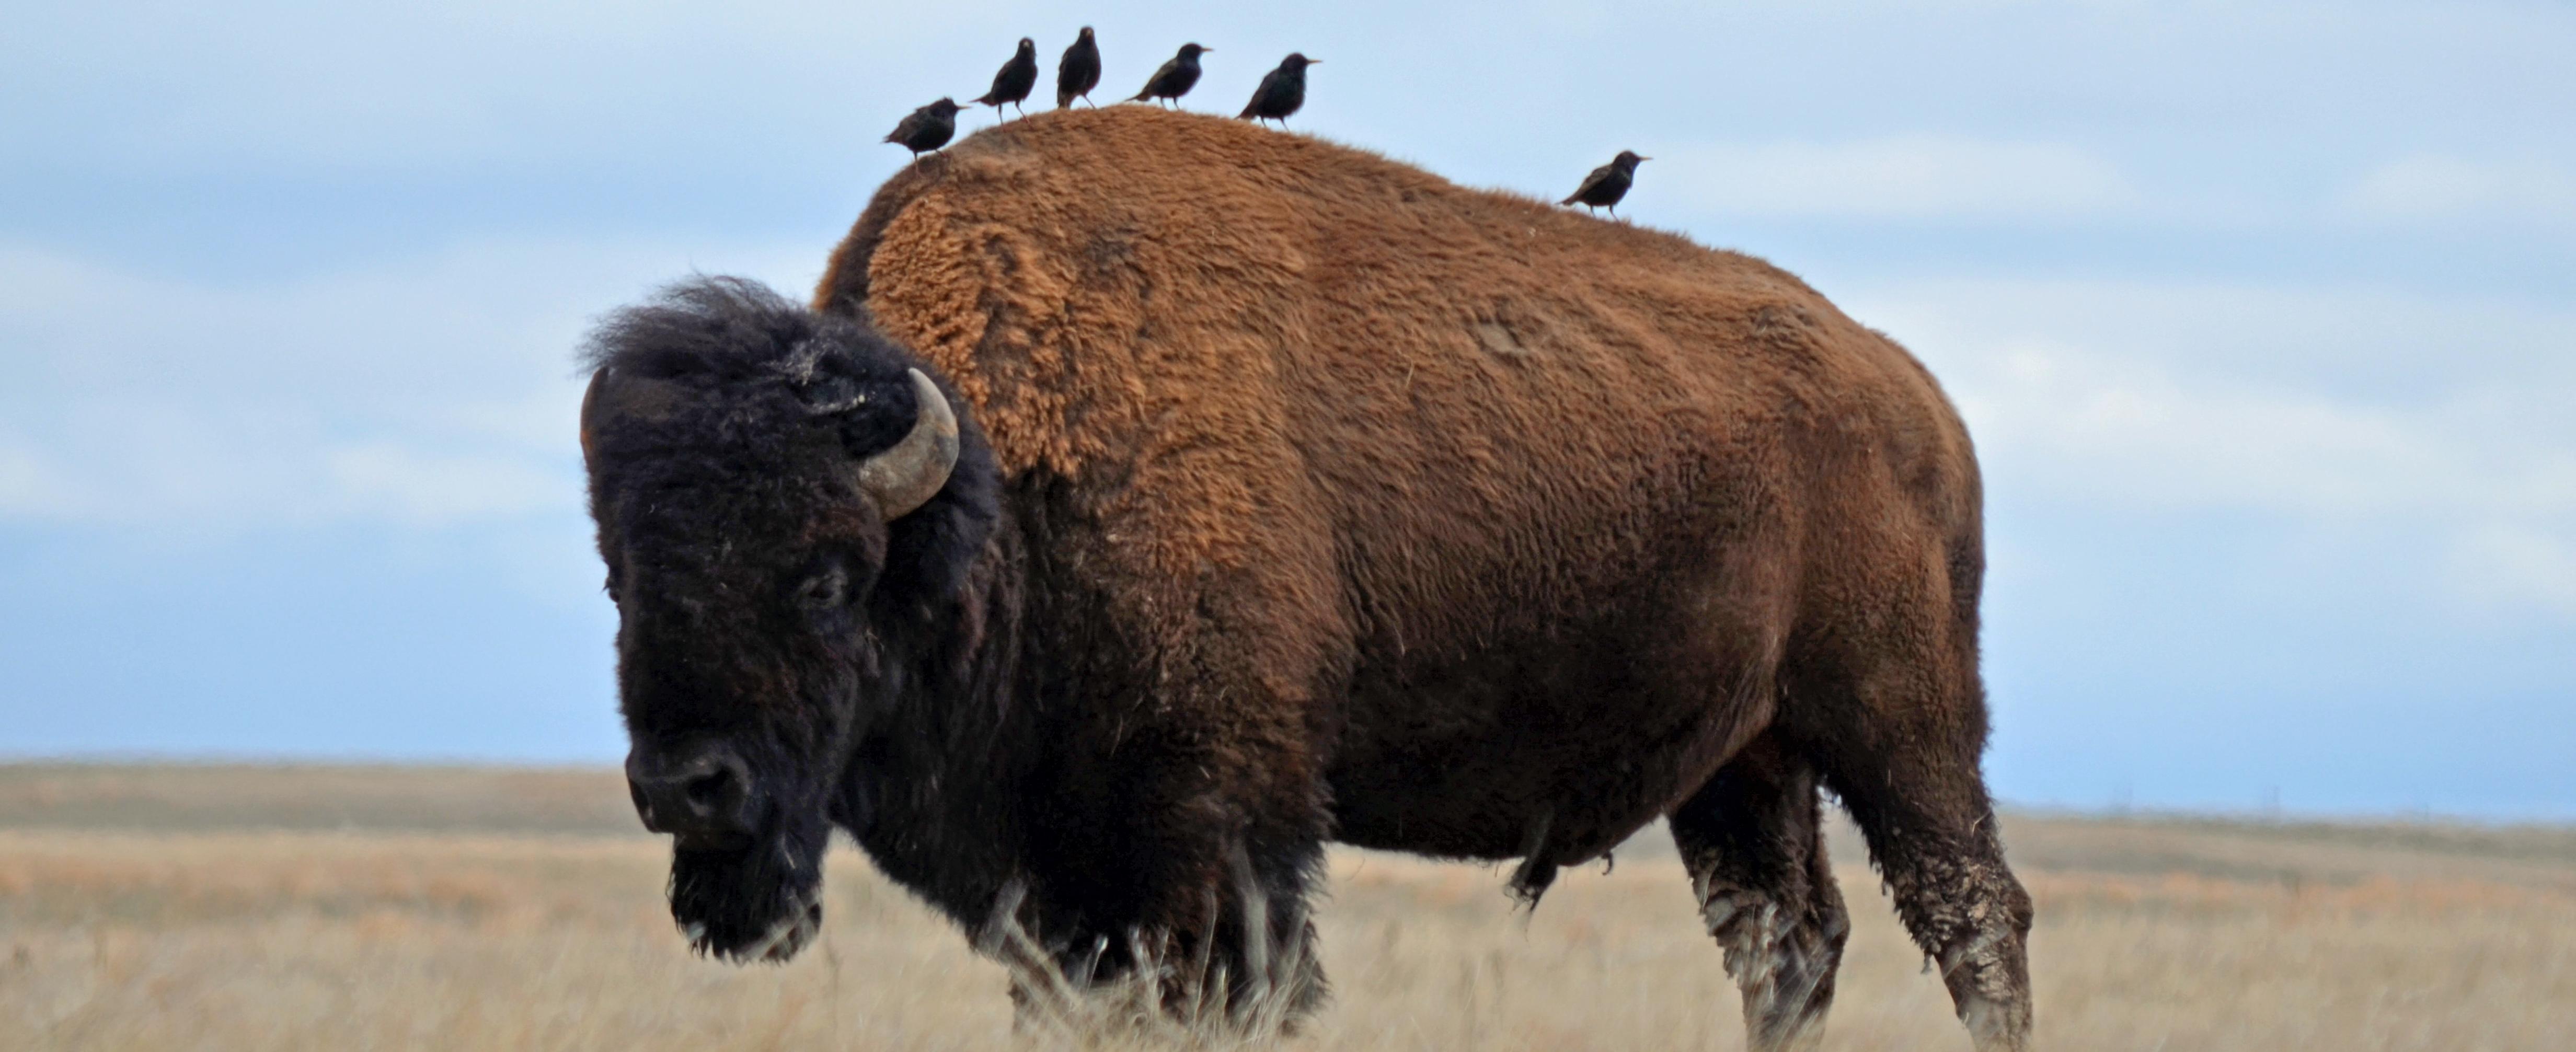 Bison Buffalo Bison Bison Wind Cave National Park U